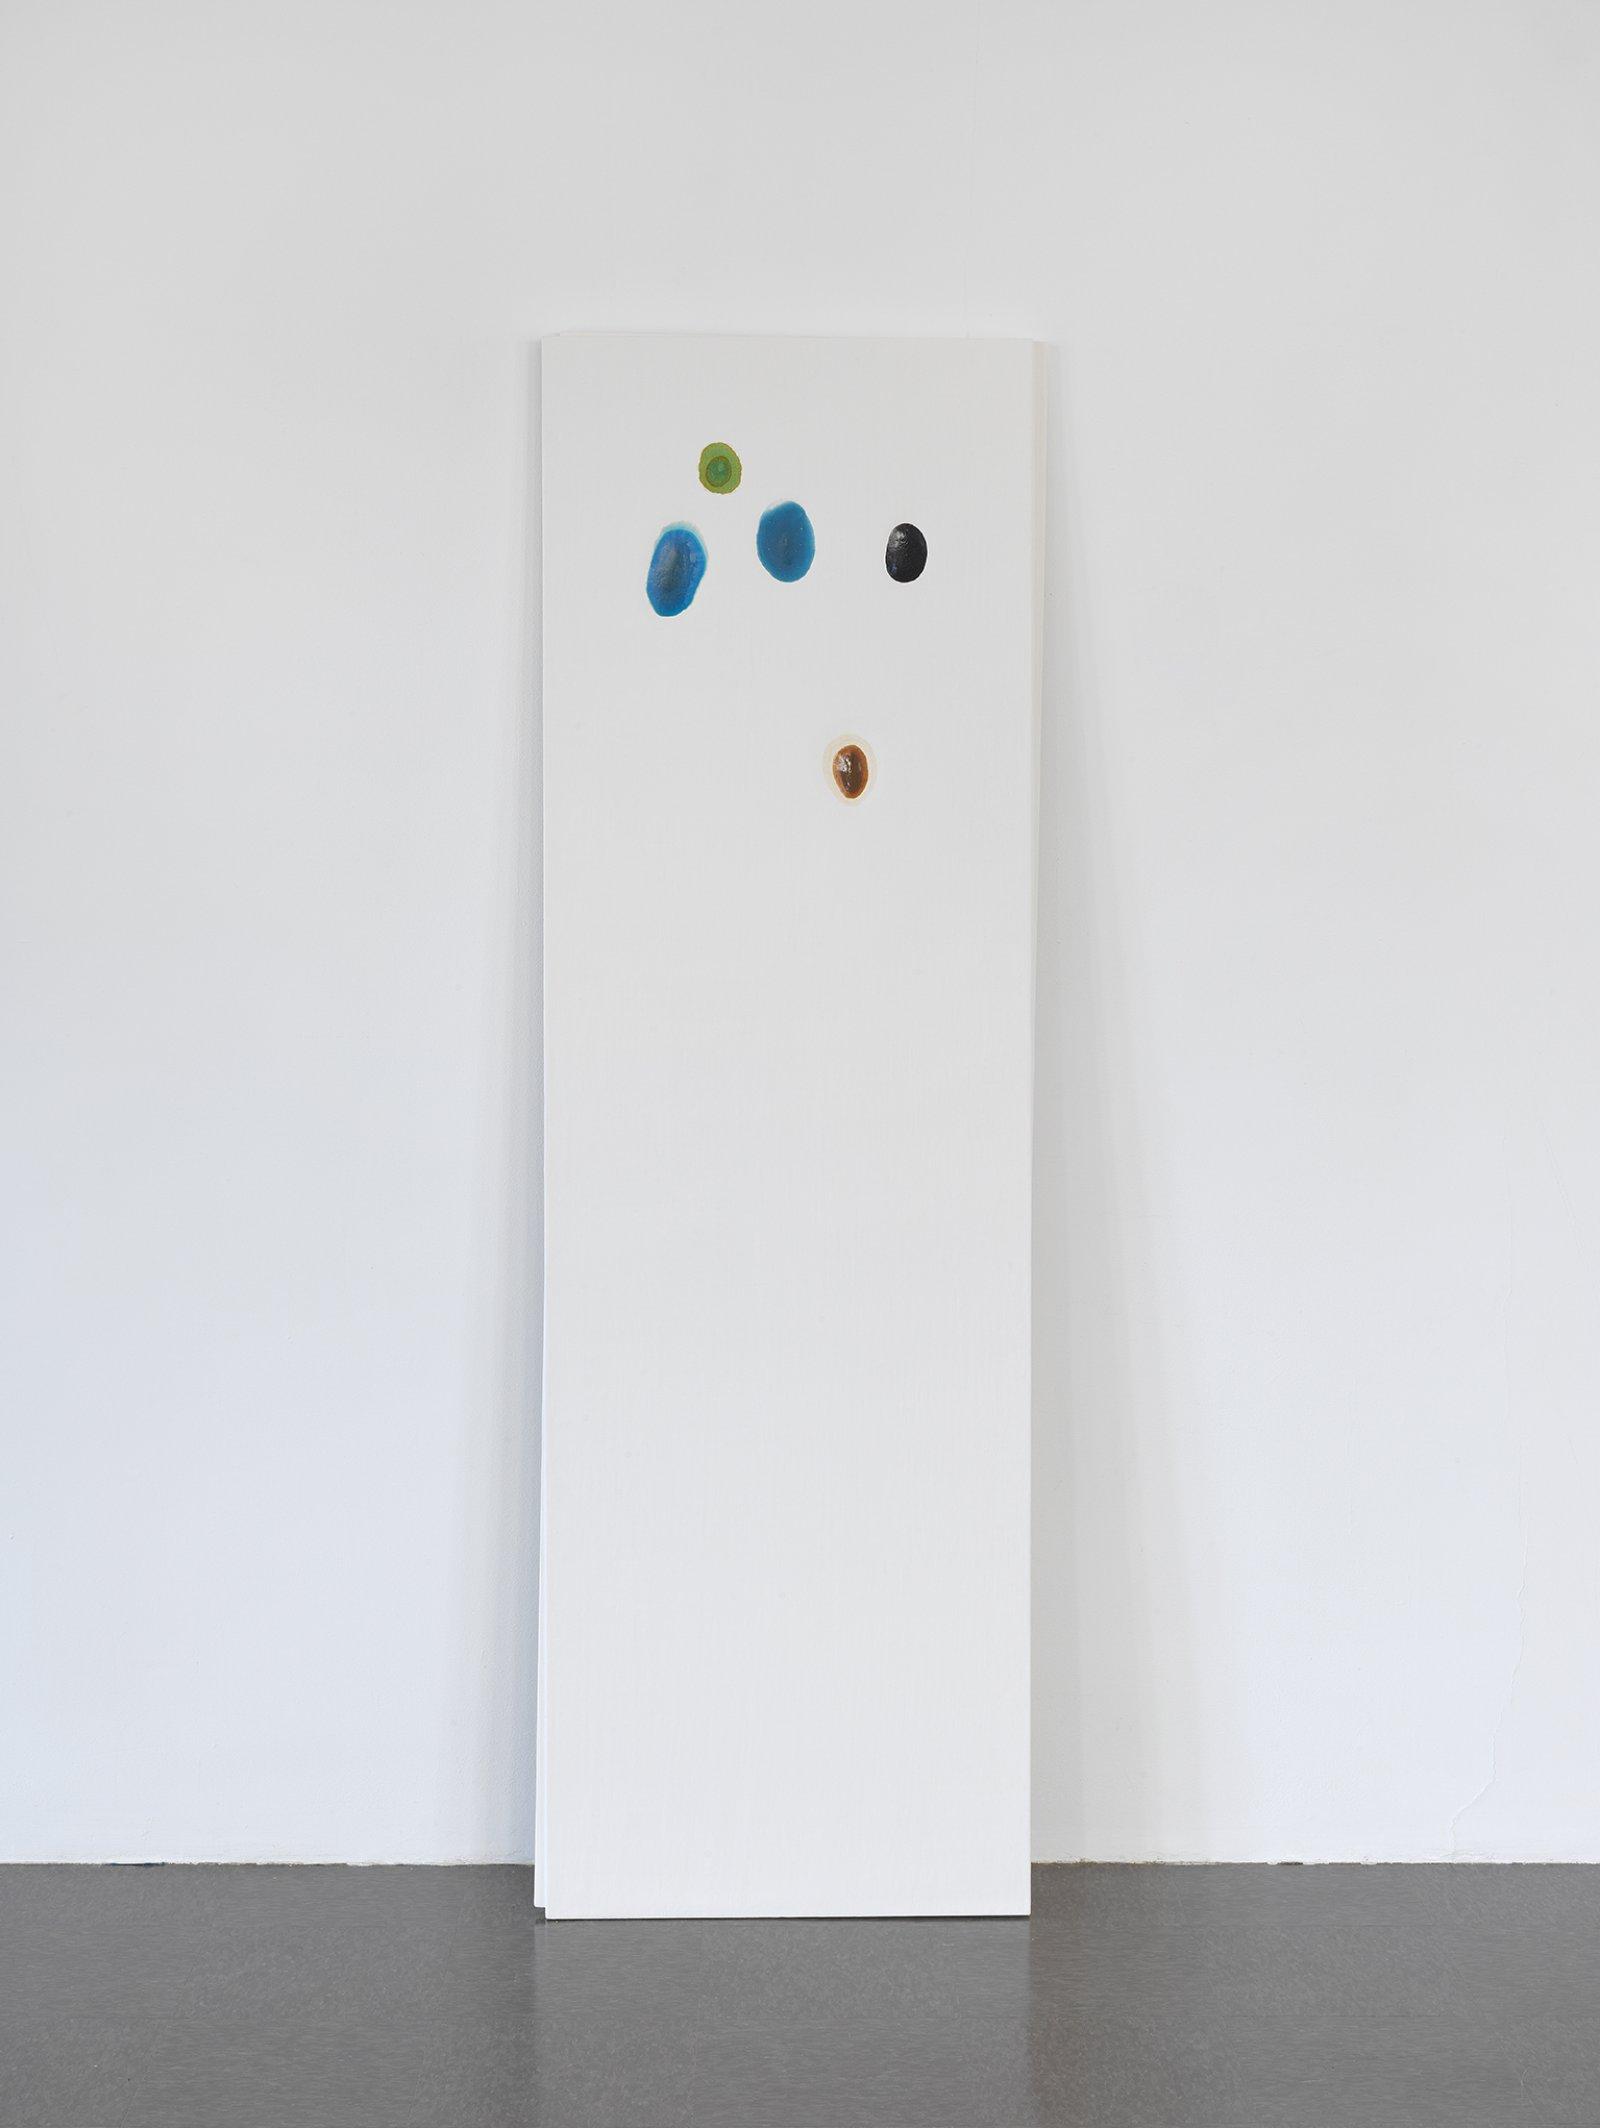 Christina Mackie, Chalk no. 2, 2014, birch, gesso, watercolour, 78 x 244 in. (198 x 620 cm) by Christina Mackie